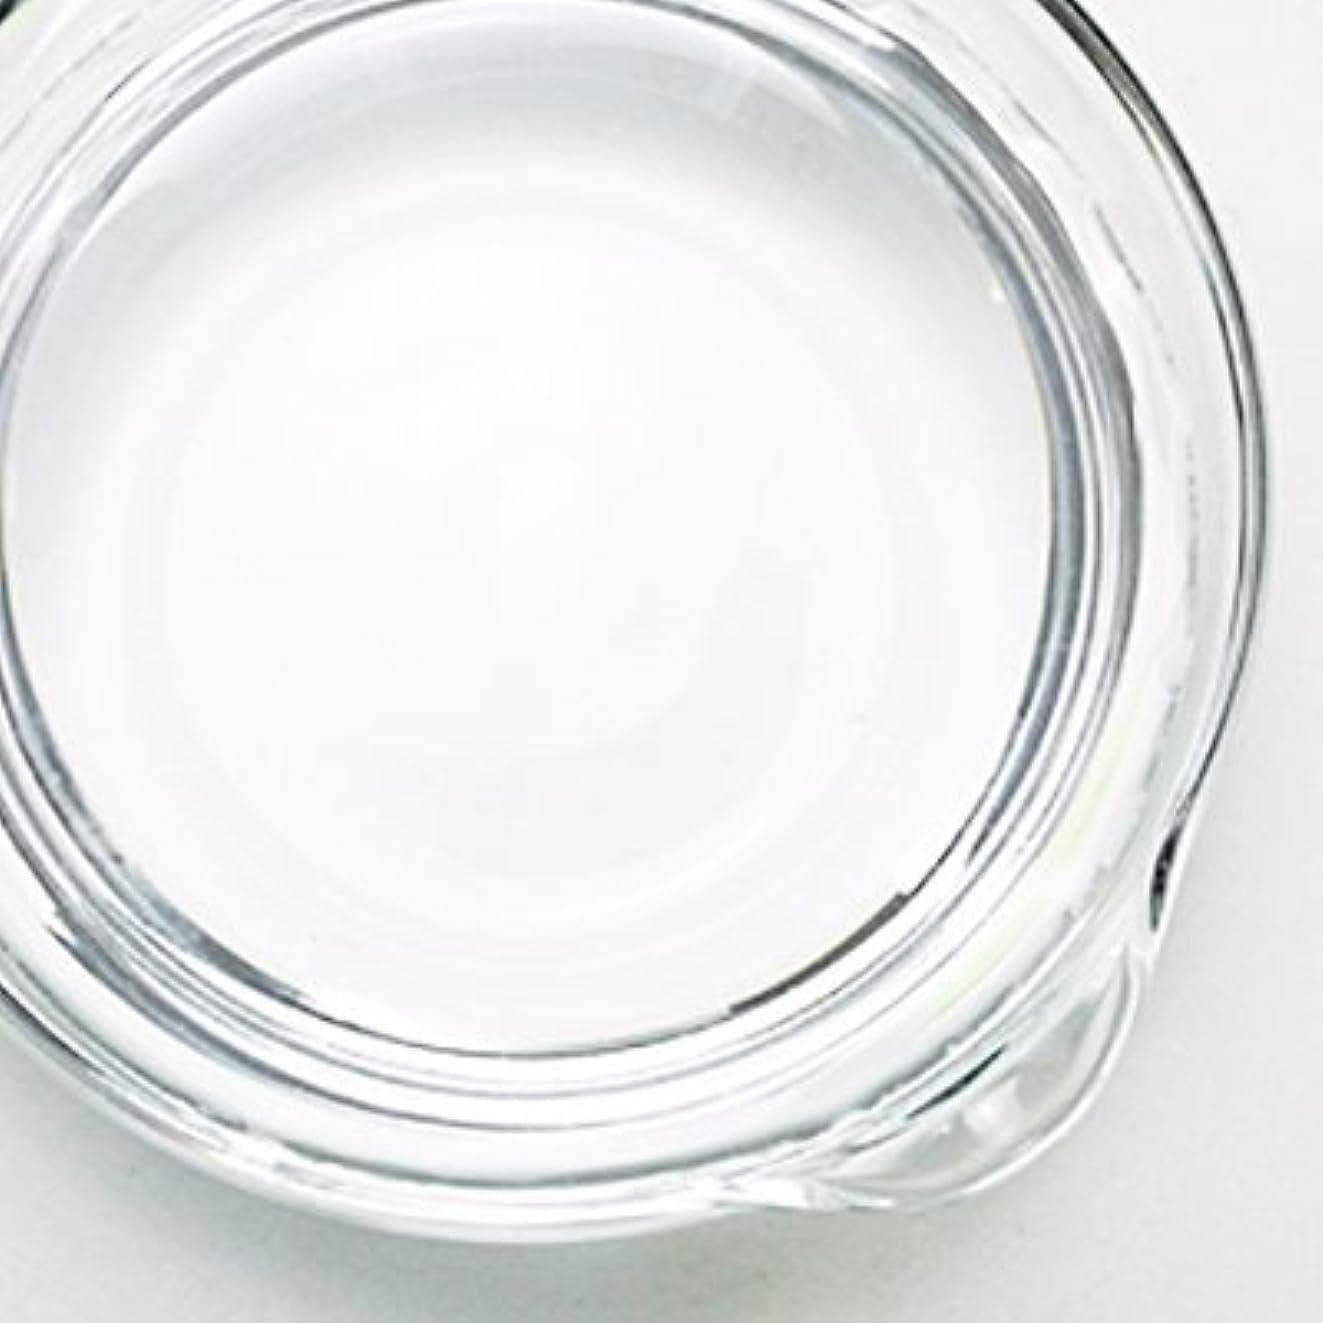 未来膨張する終了する1,3-プロパンジオール[PG] 100ml 【手作り石鹸/手作りコスメ】